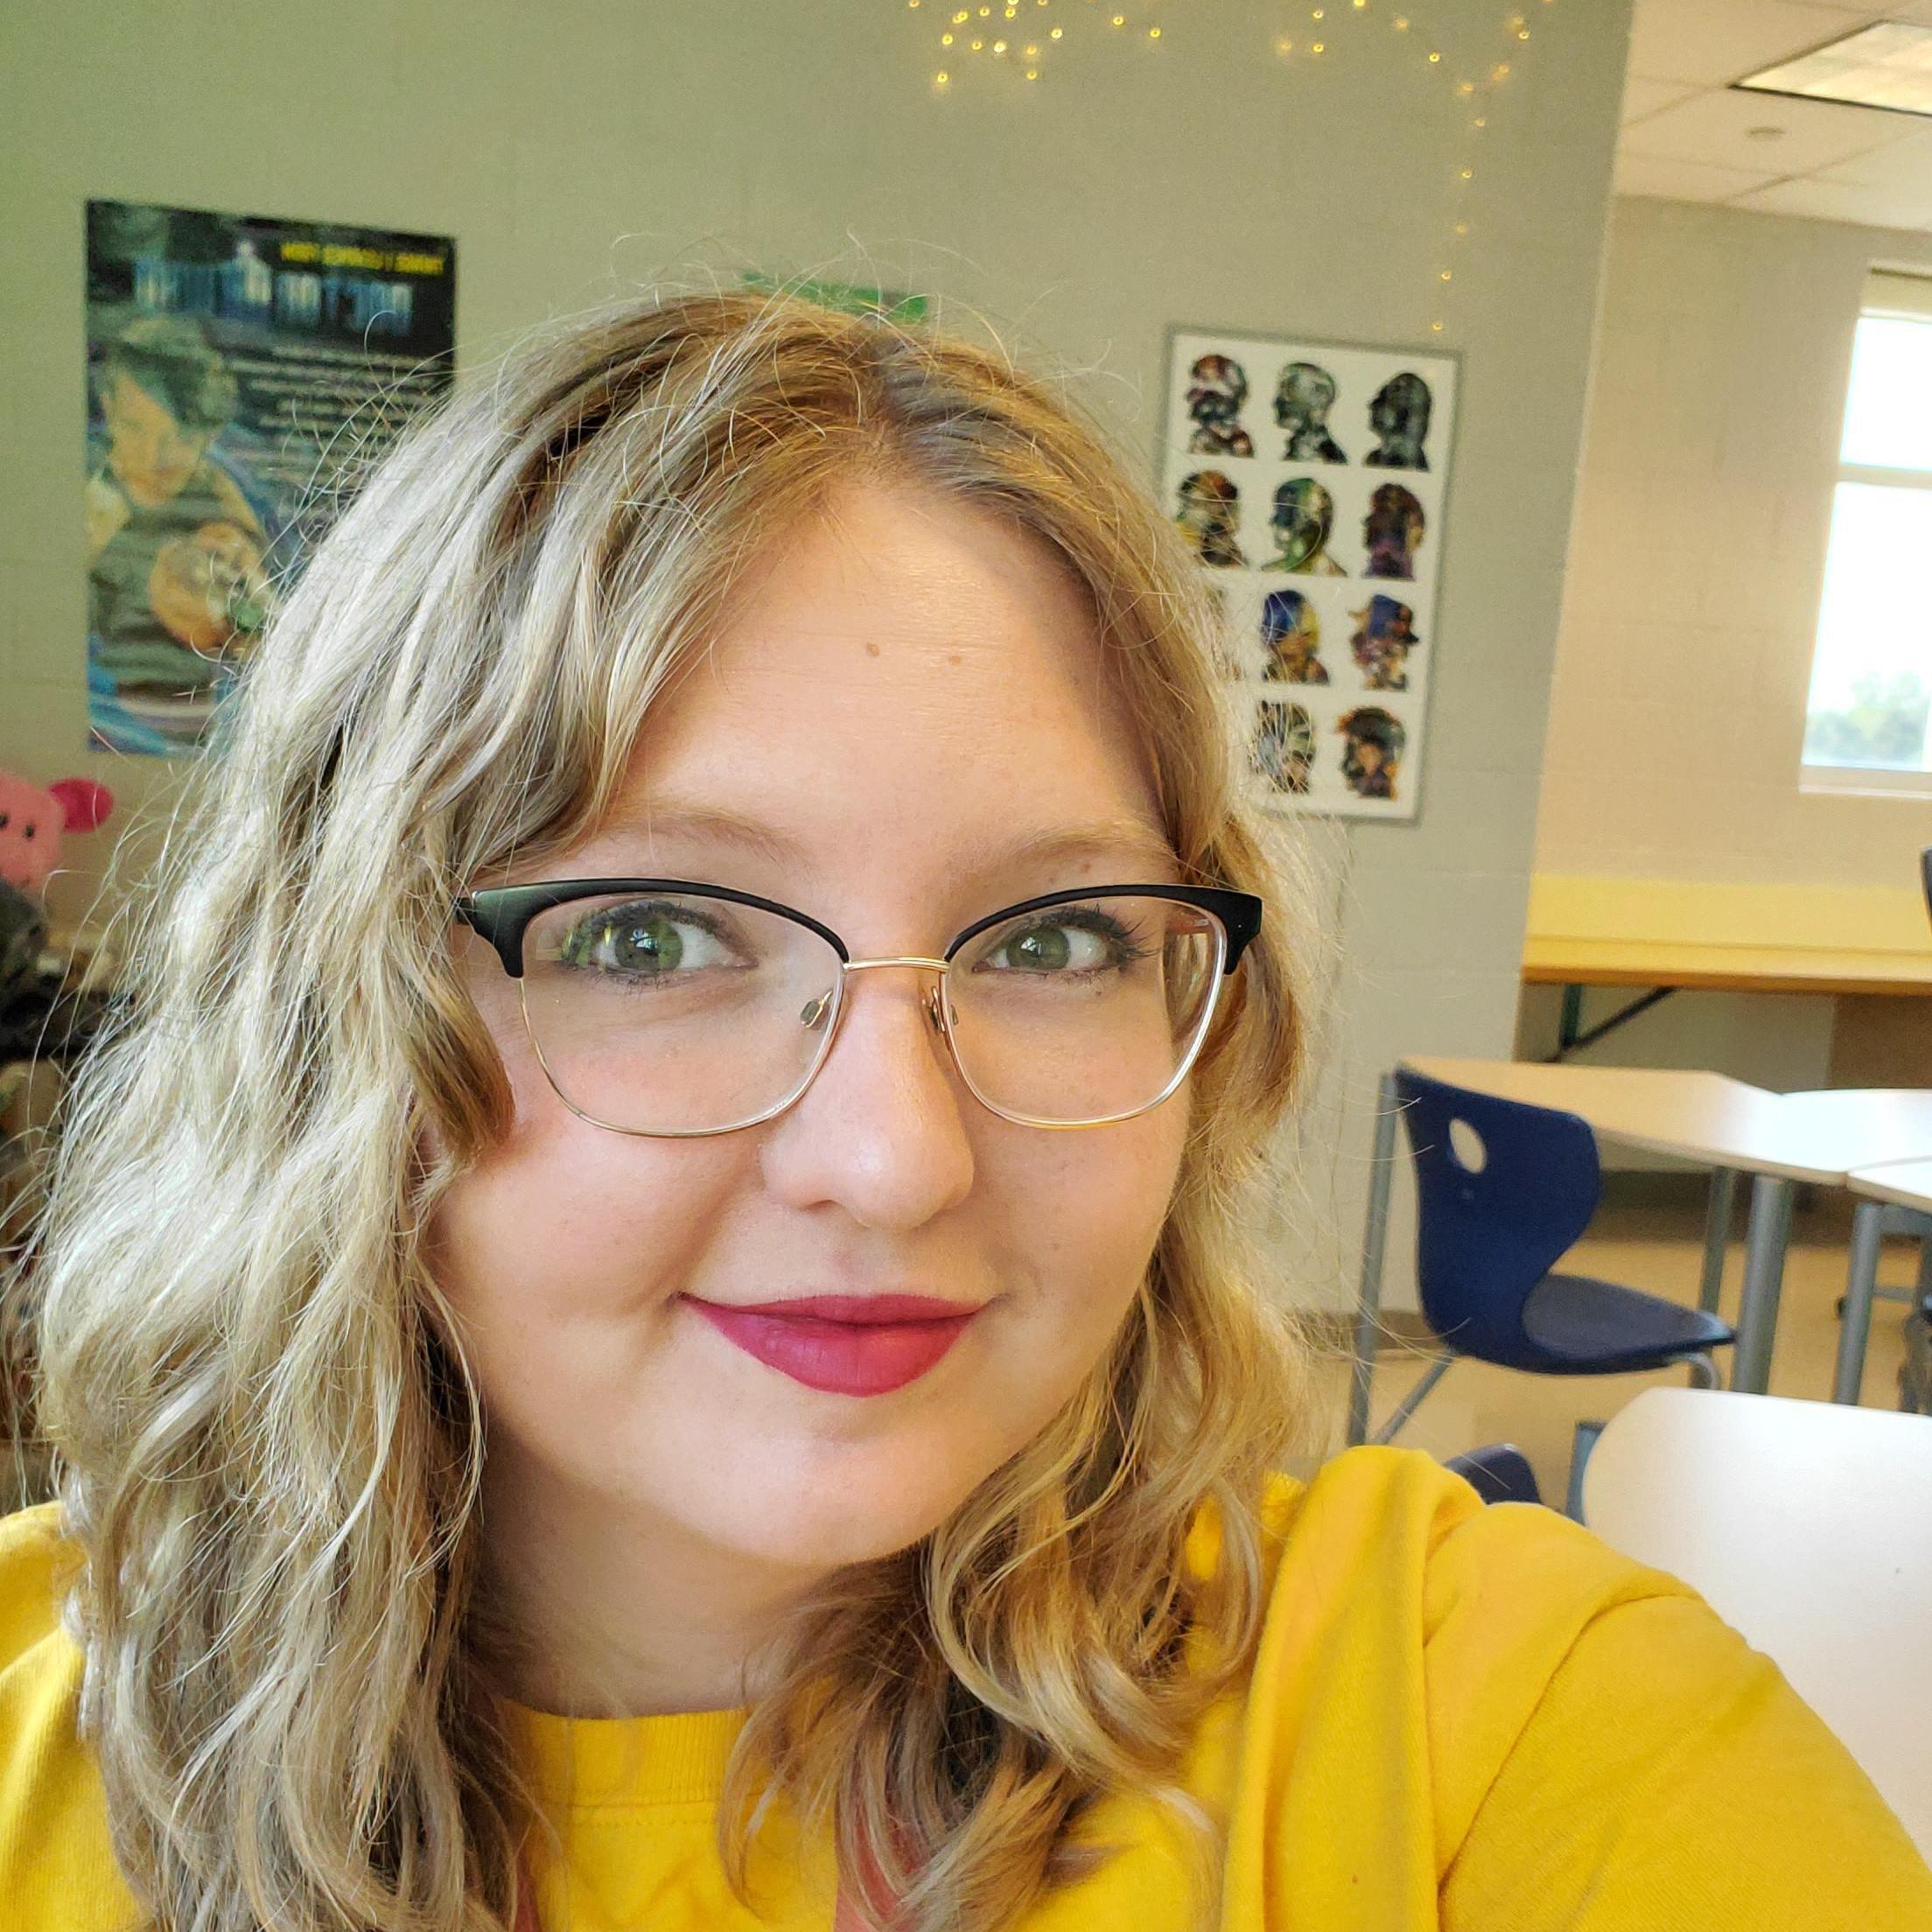 Mindy Mccann's Profile Photo